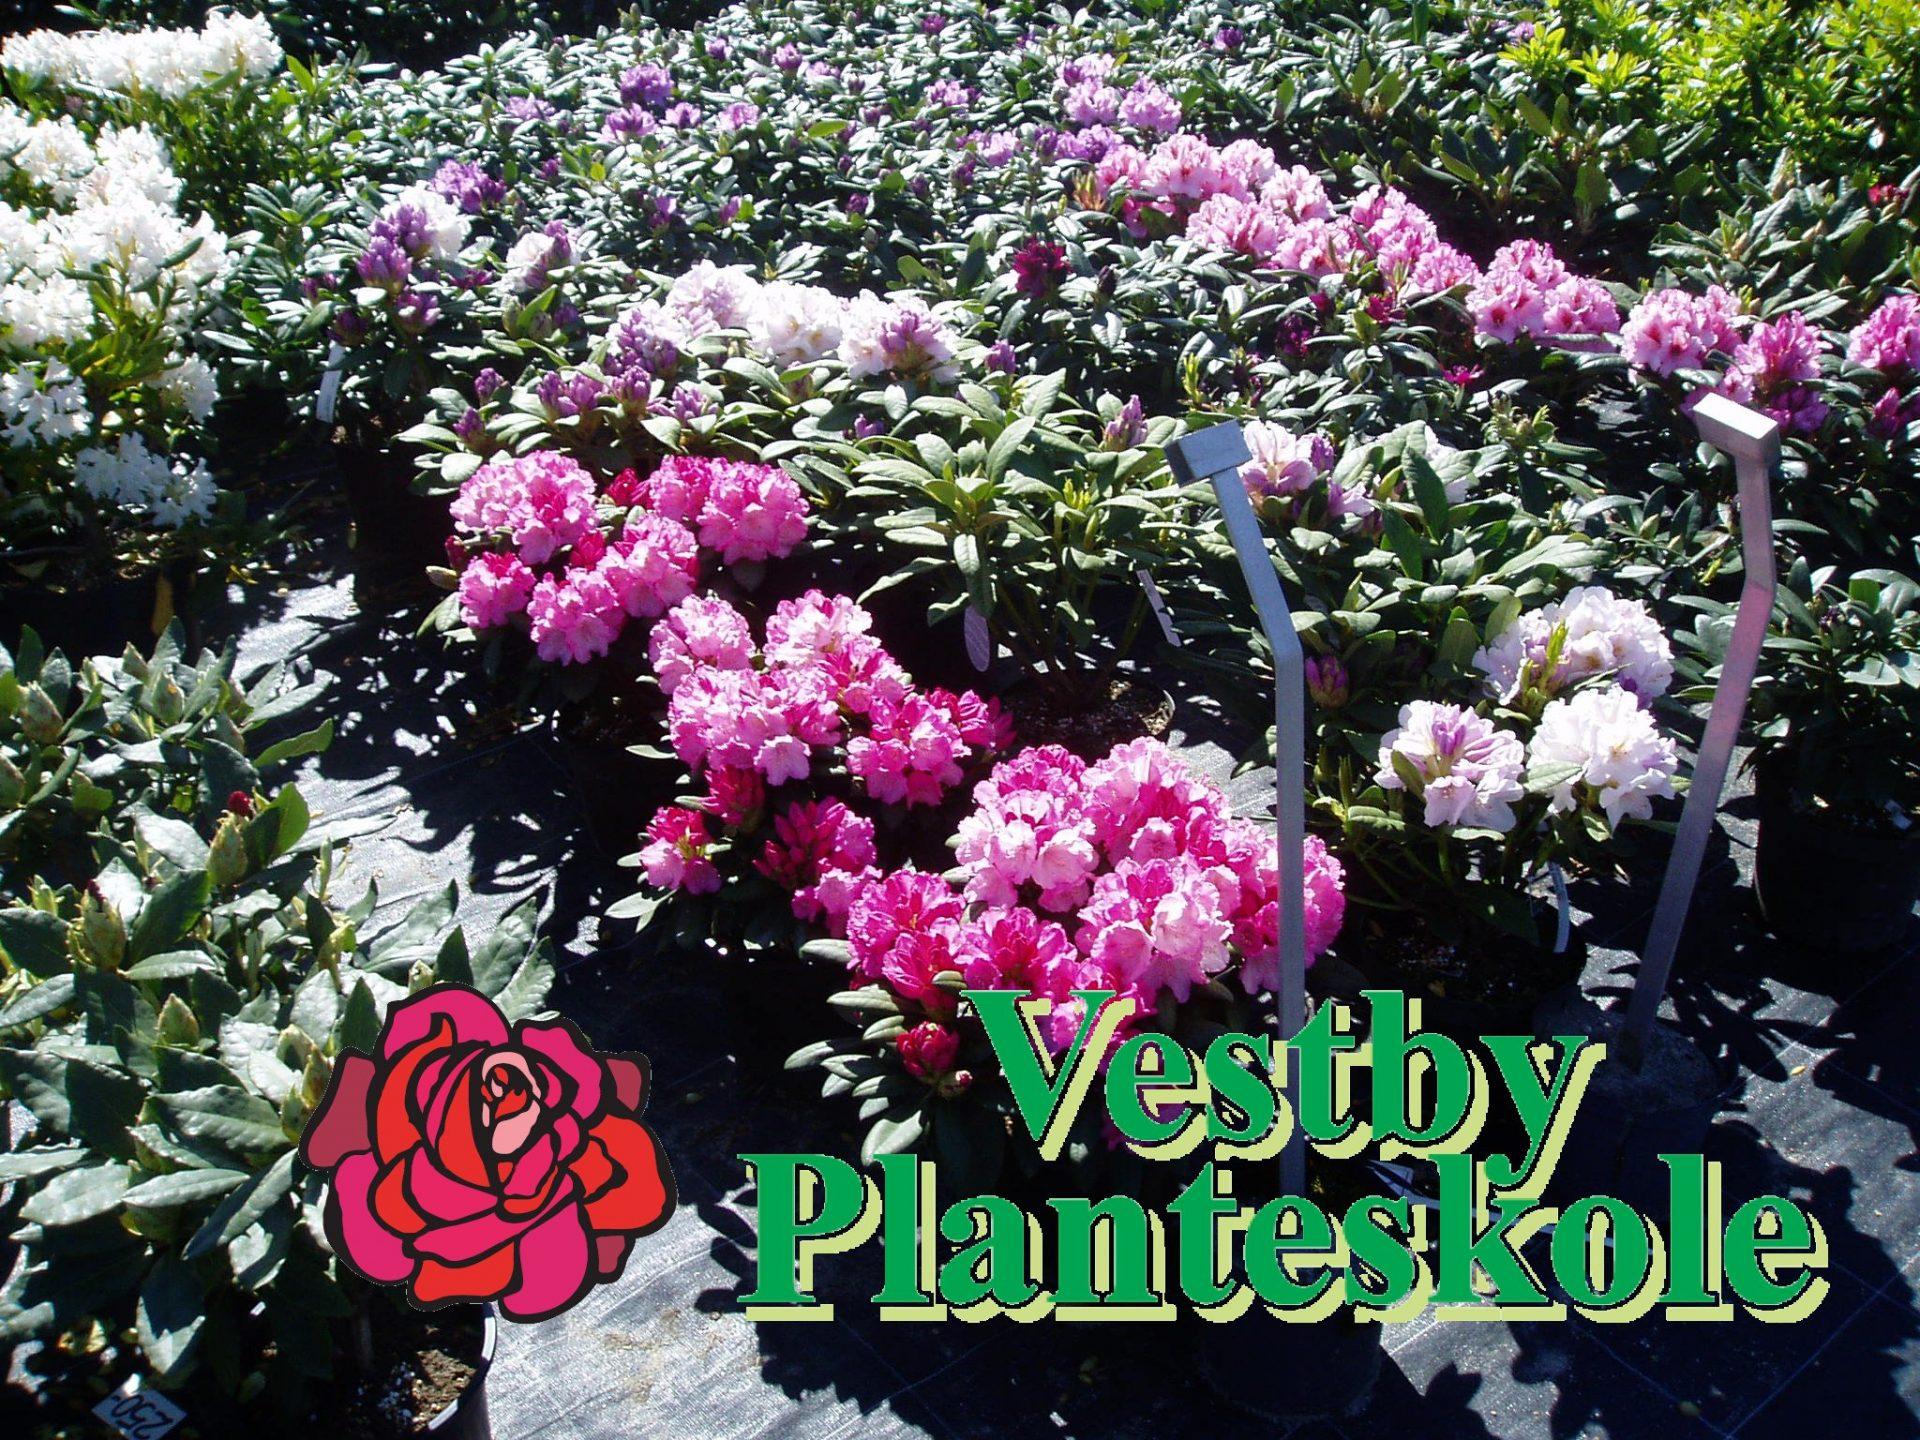 gavekort vestby planteskole